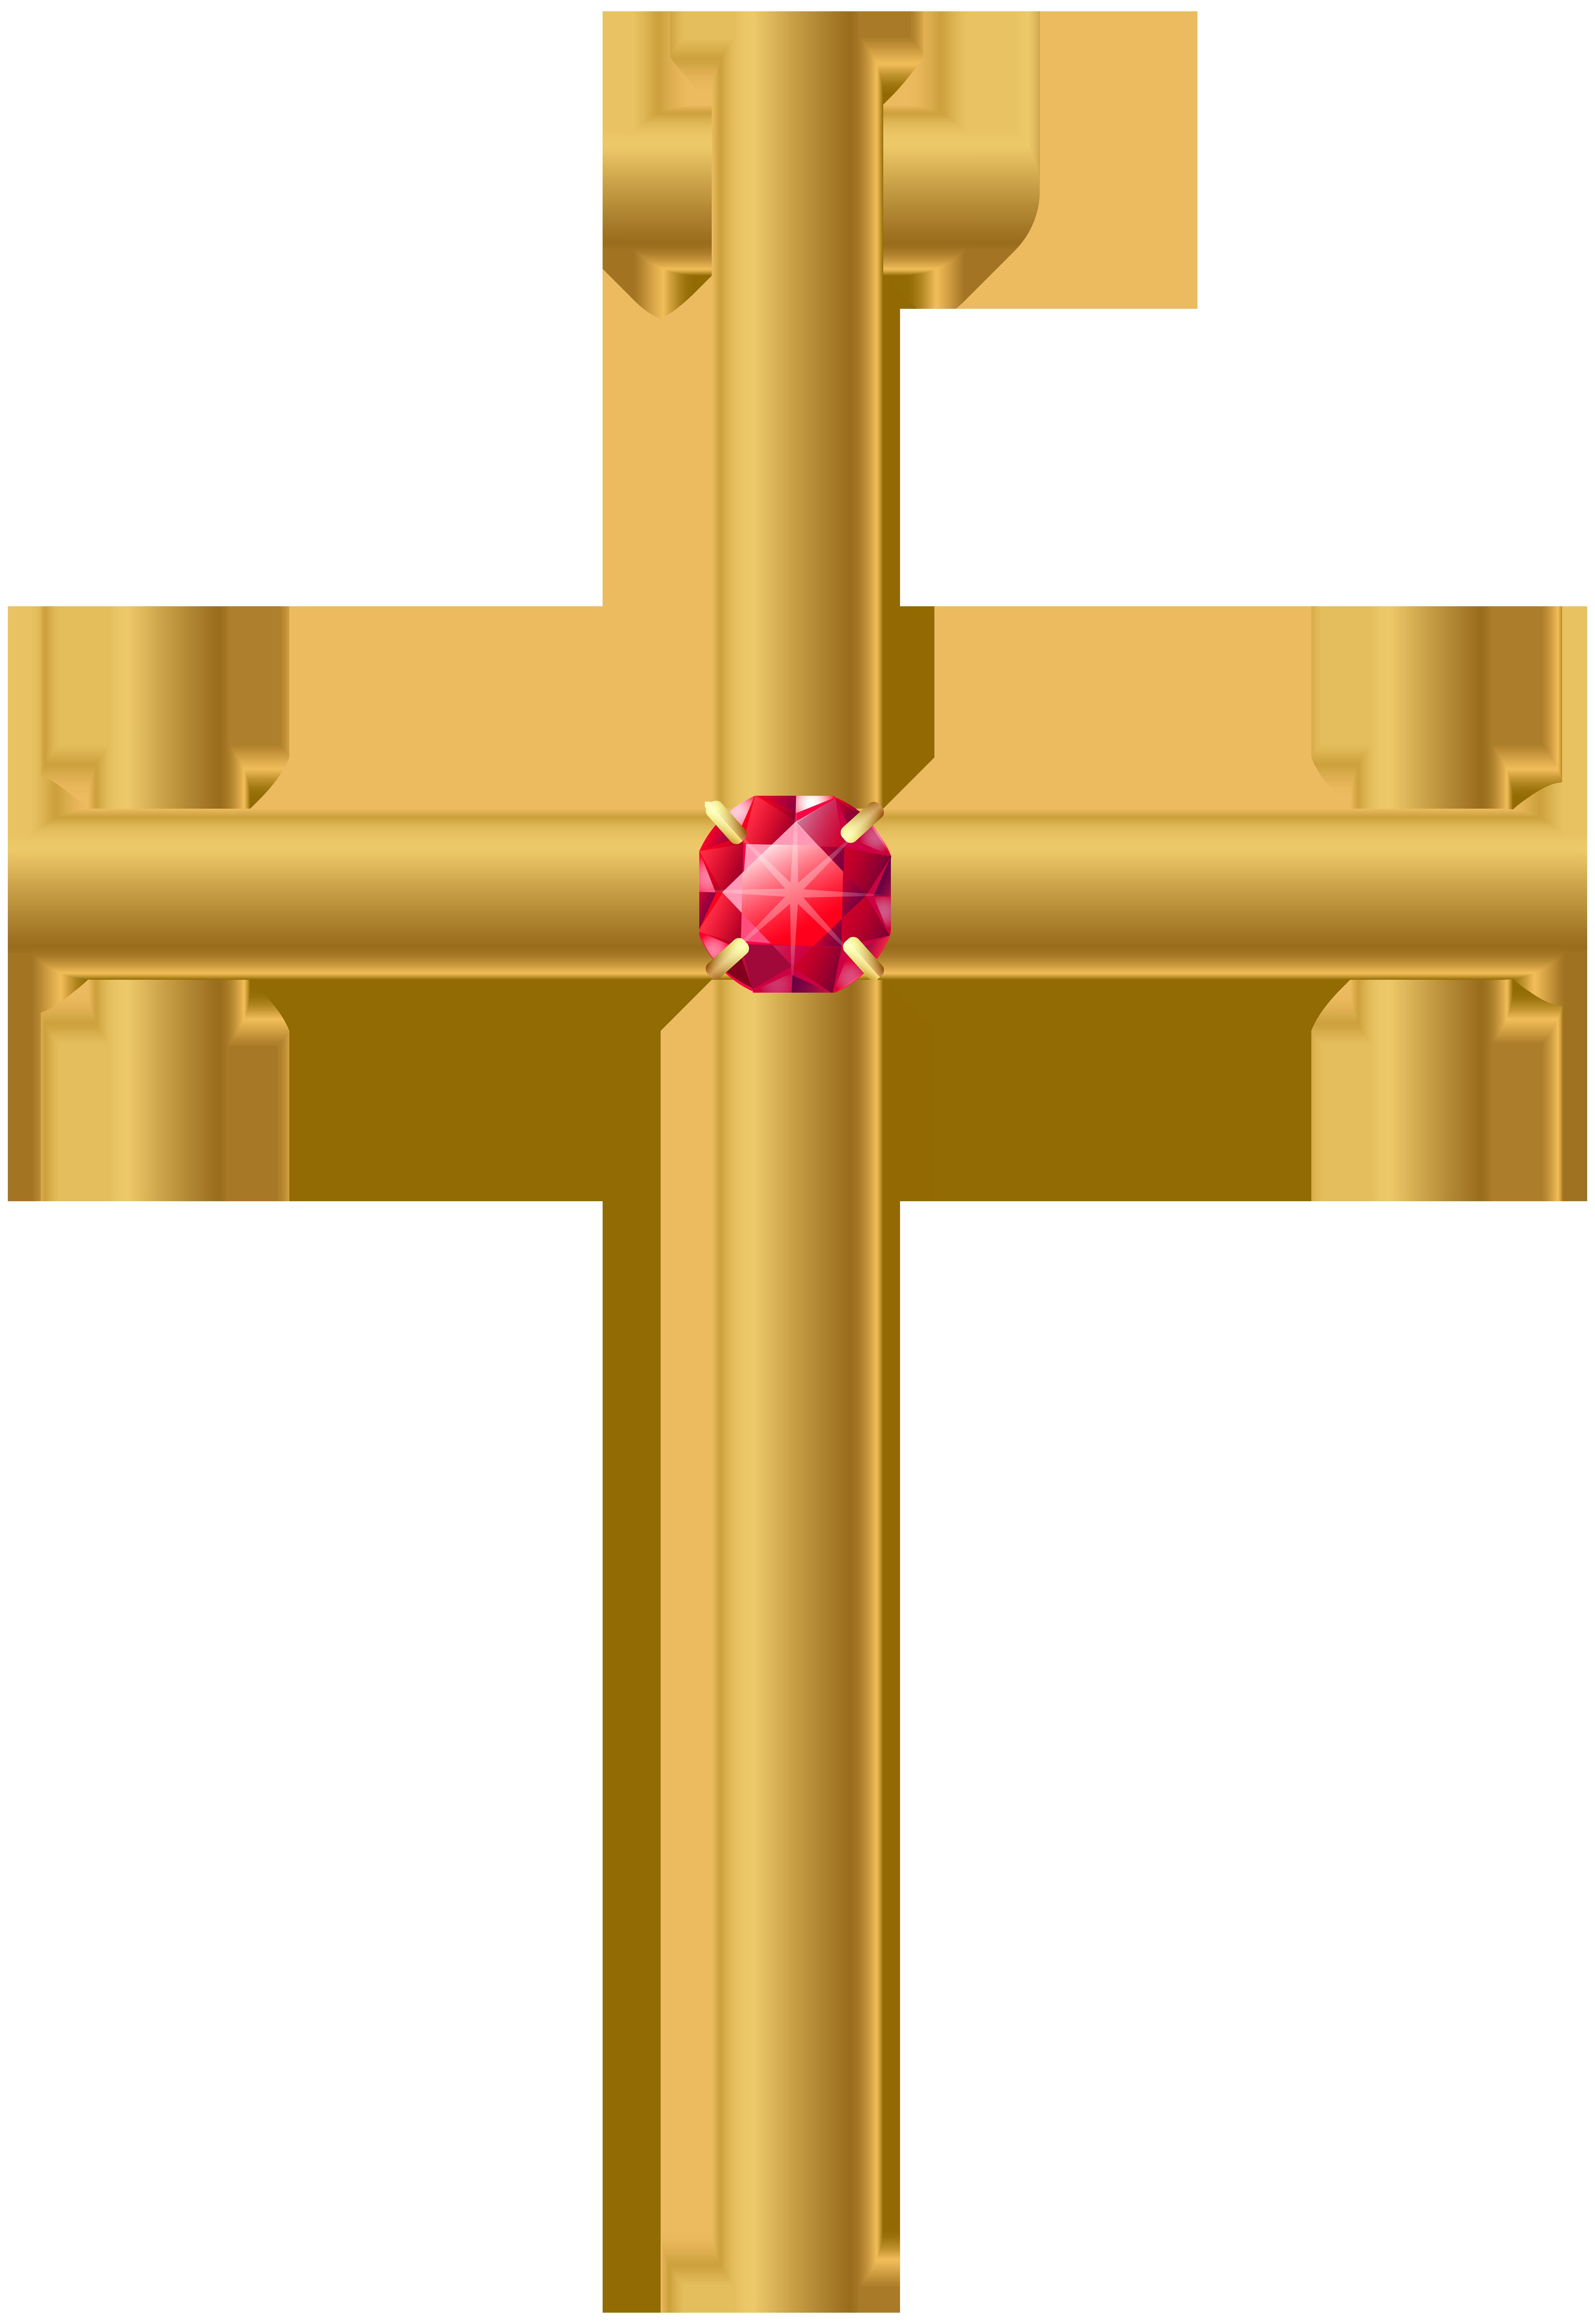 5492x8000 Golden Cross Png Clip Art Imageu200b Gallery Yopriceville